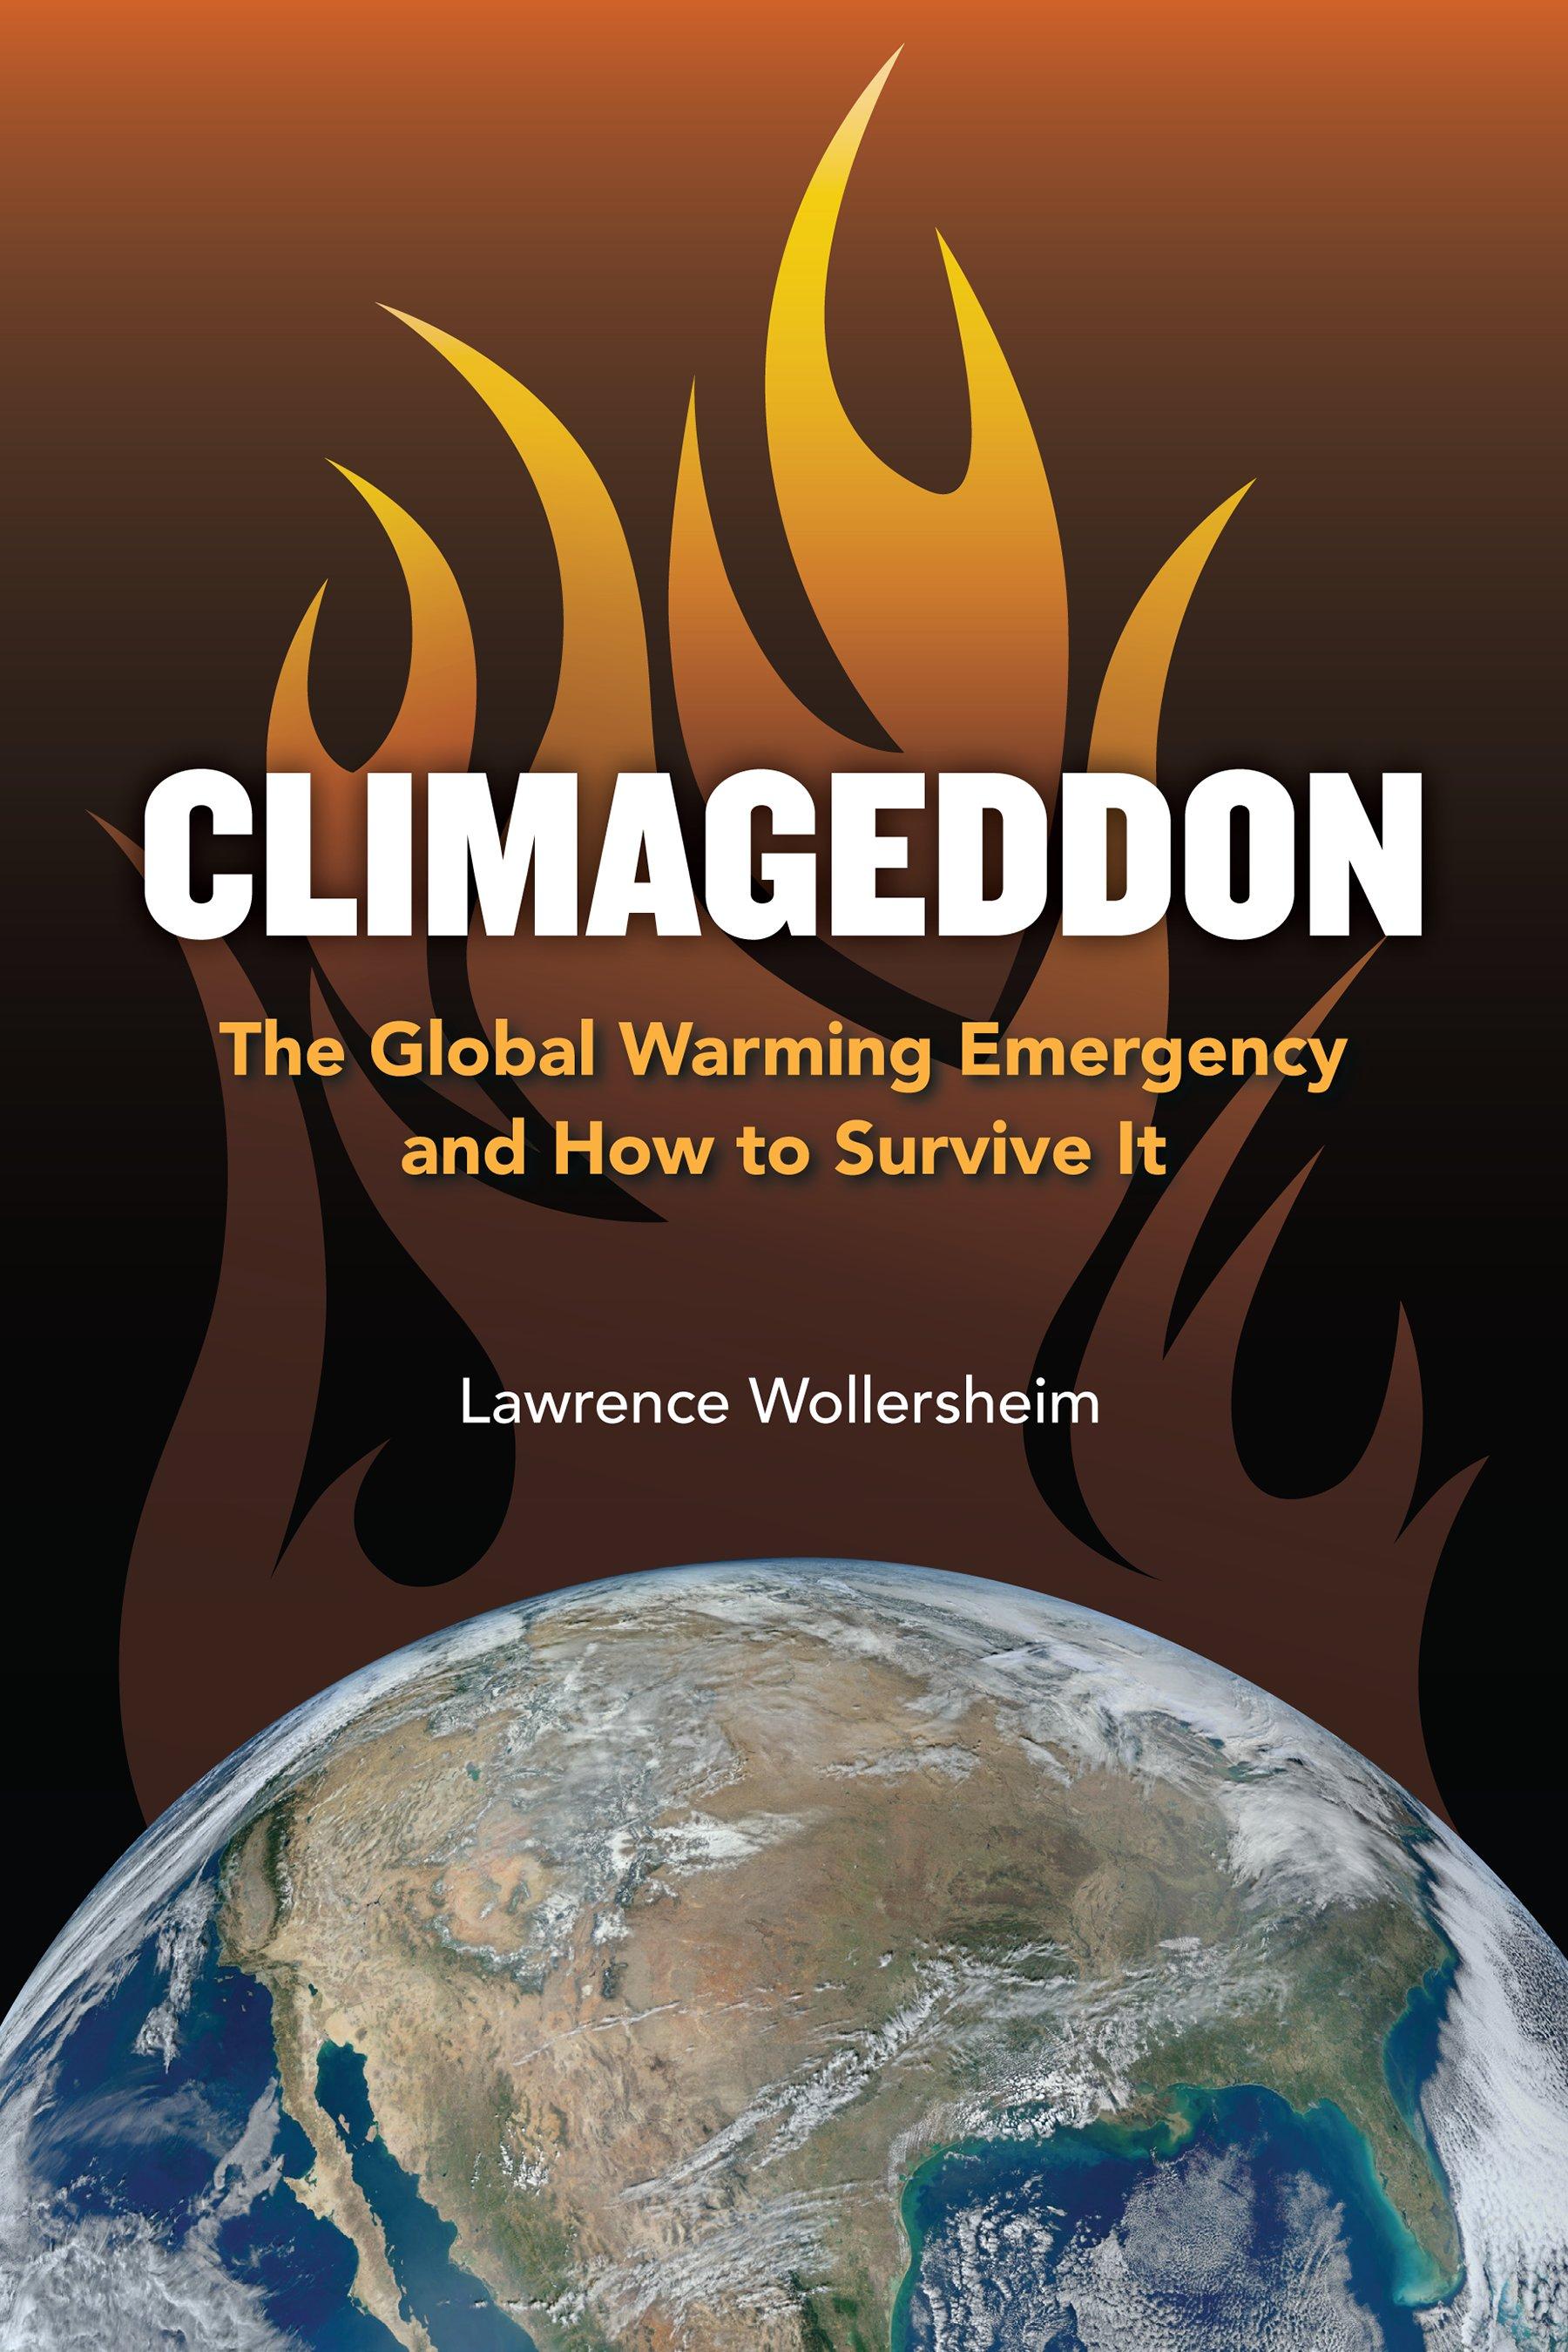 Climageddon_Front-Cover_JPG.jpg